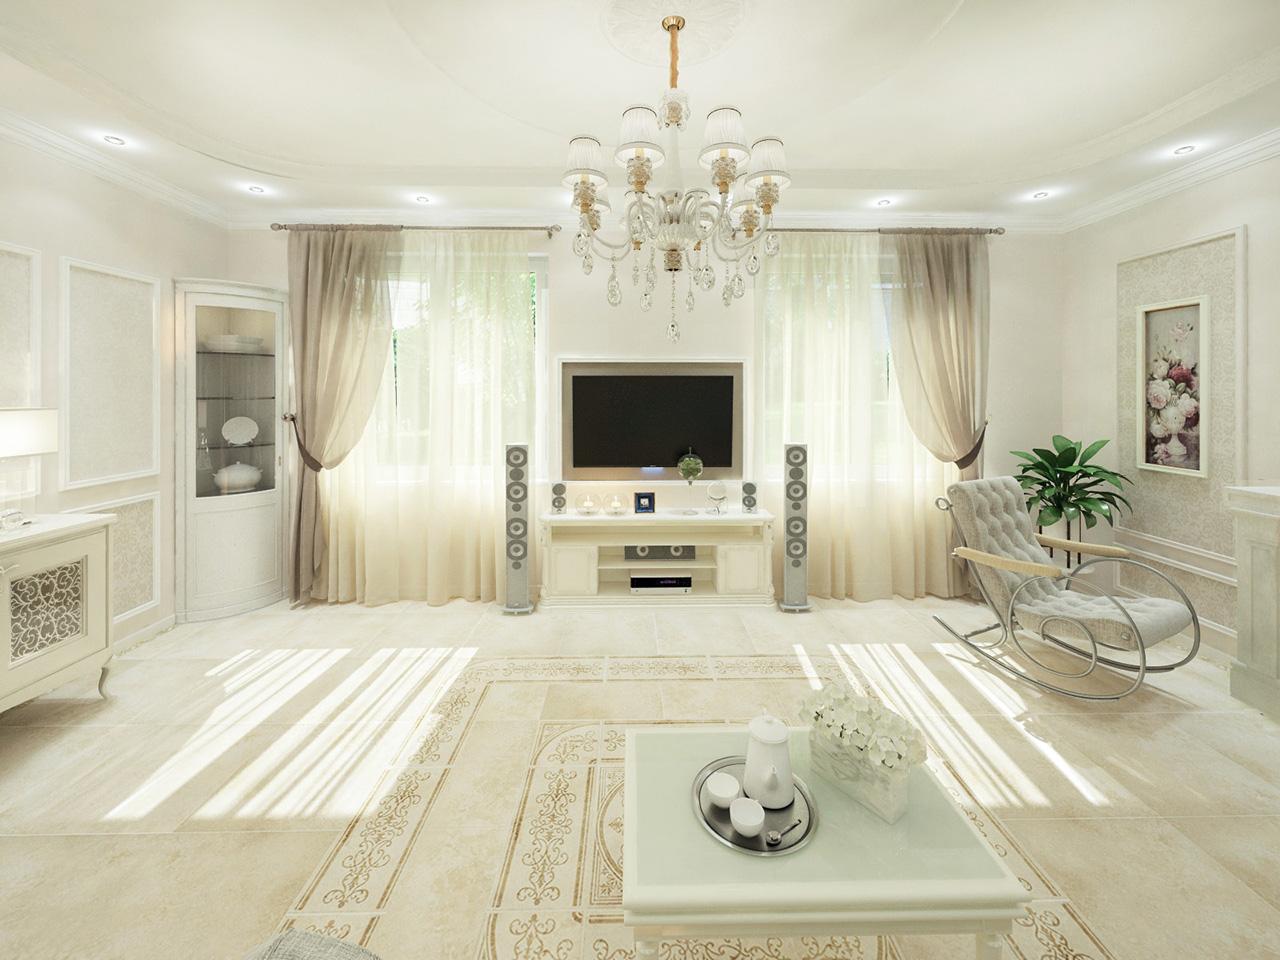 Дизайн интерьера частного дома на ул. Ангарской, г. Минск